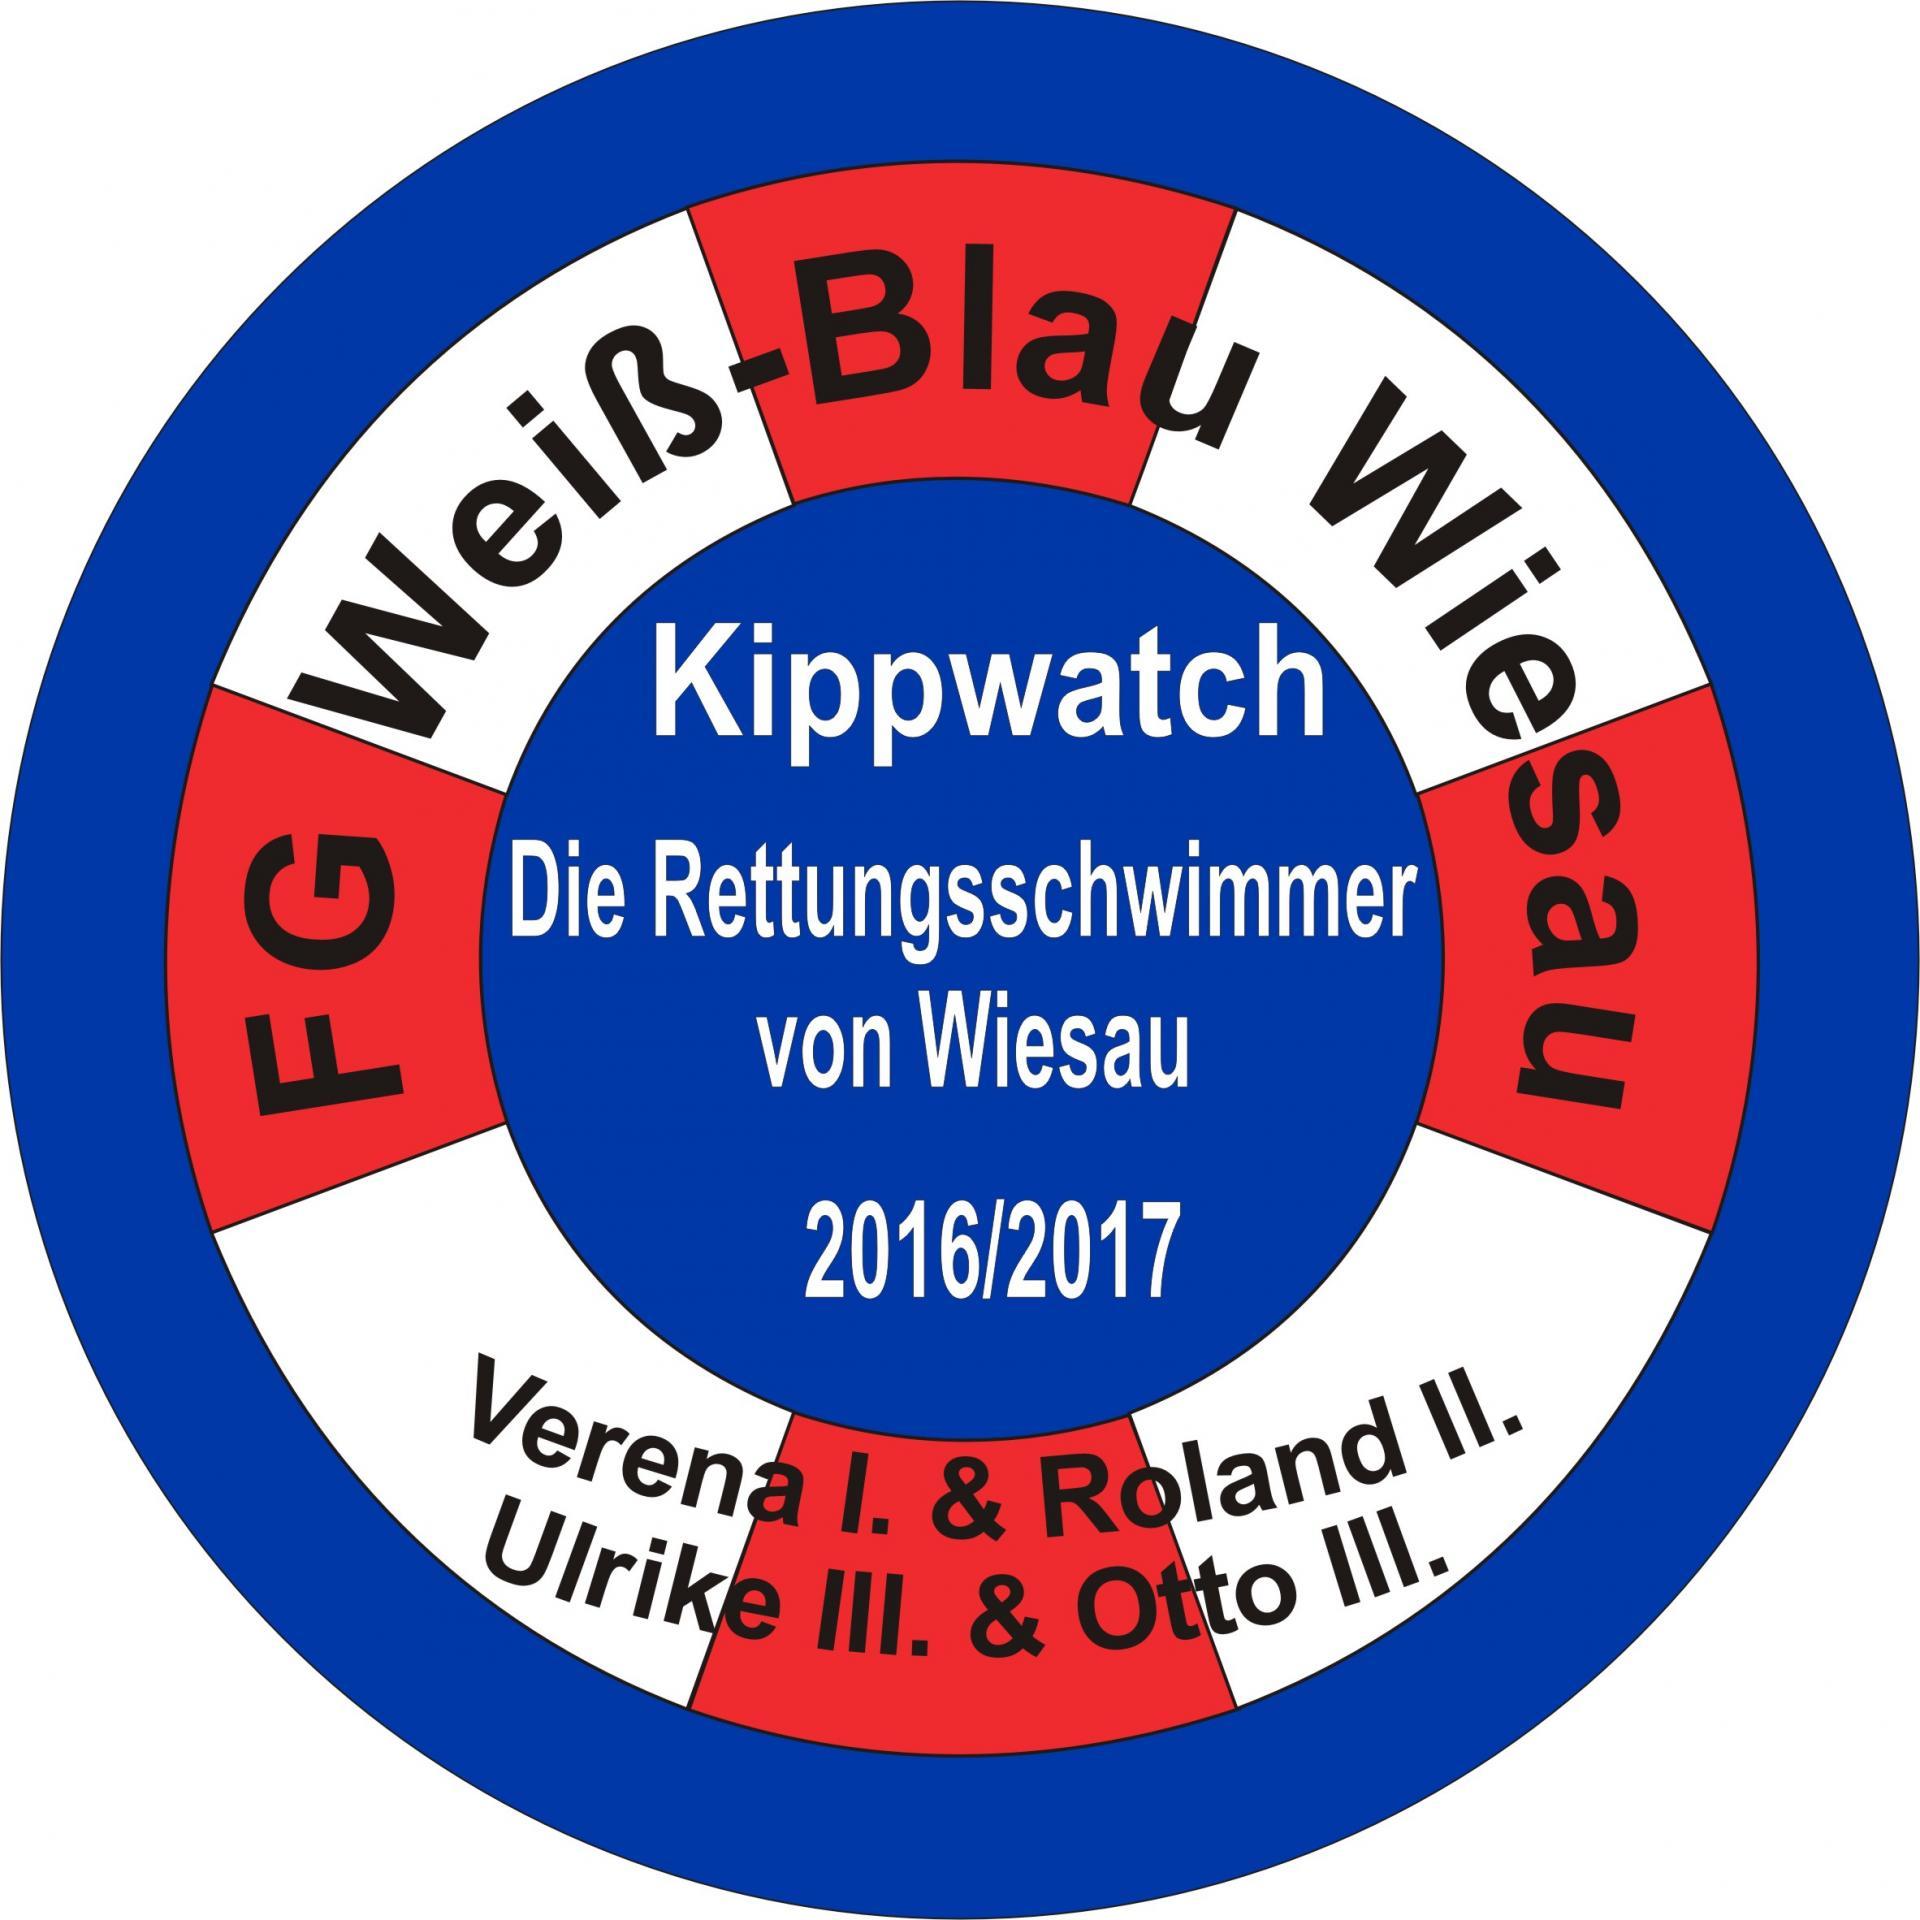 Kippwatch die Rettungsschwimmer von Wiesau